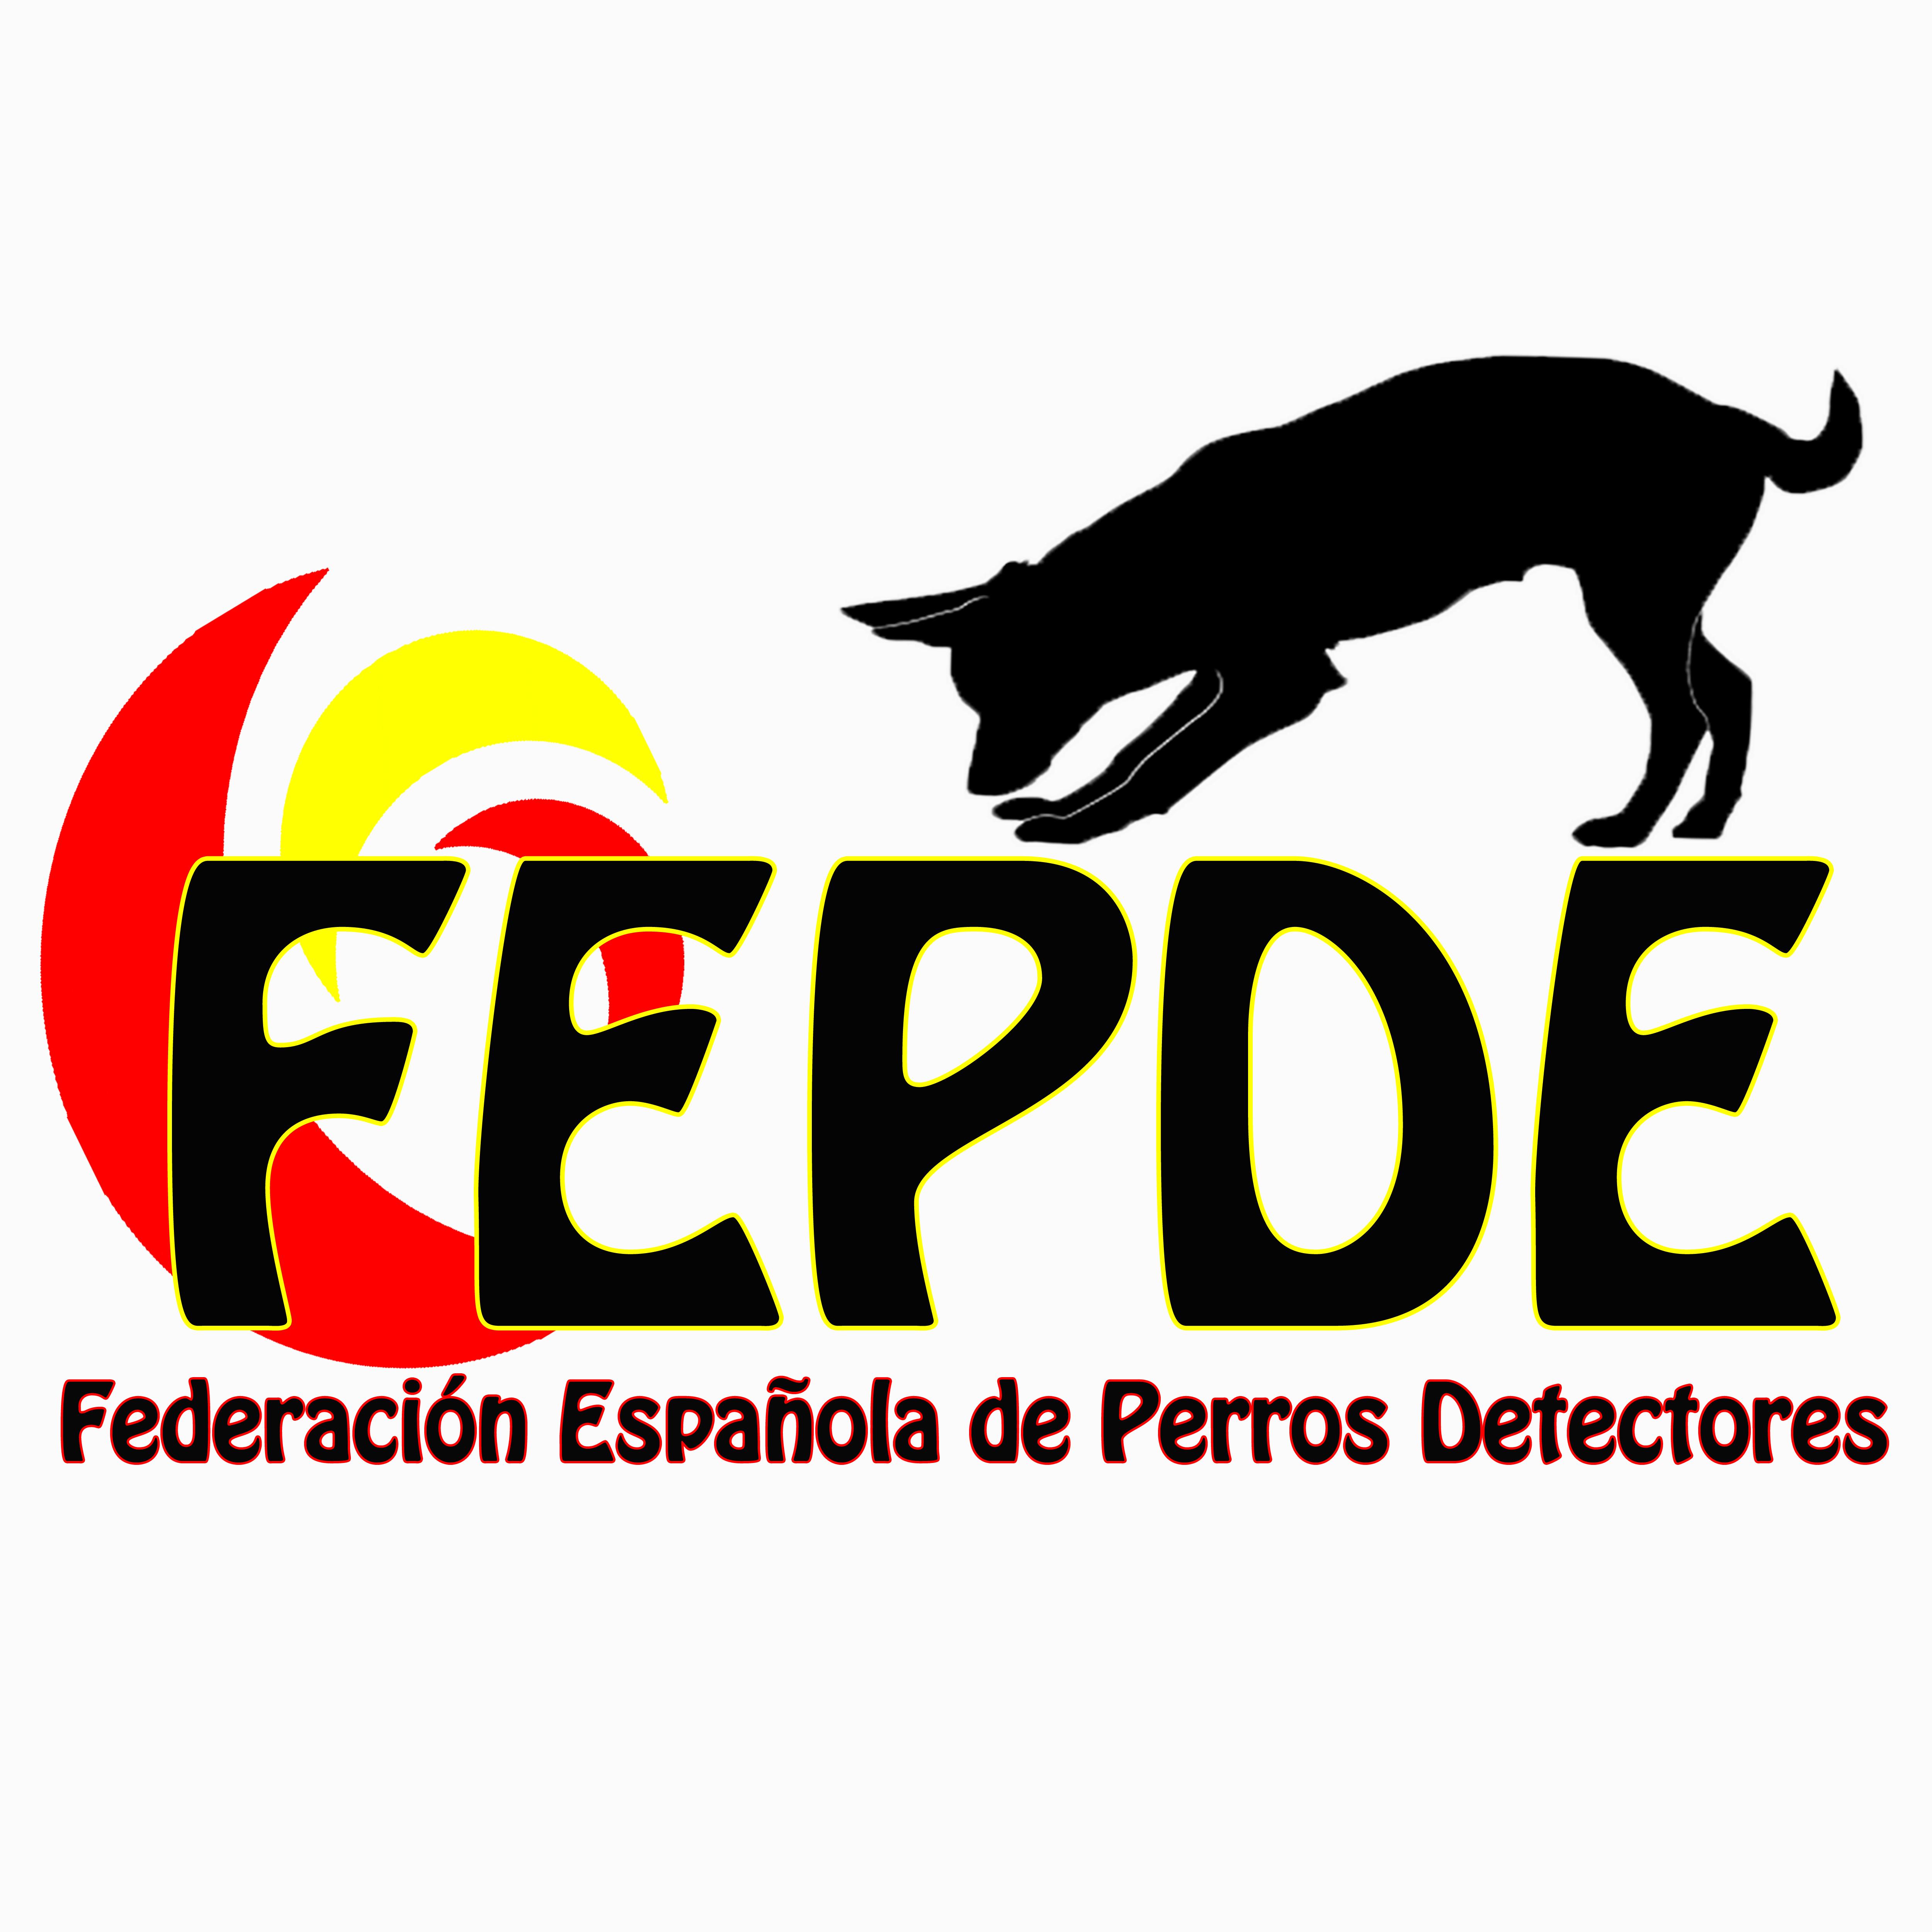 Federación Española de Perros Detectores .-